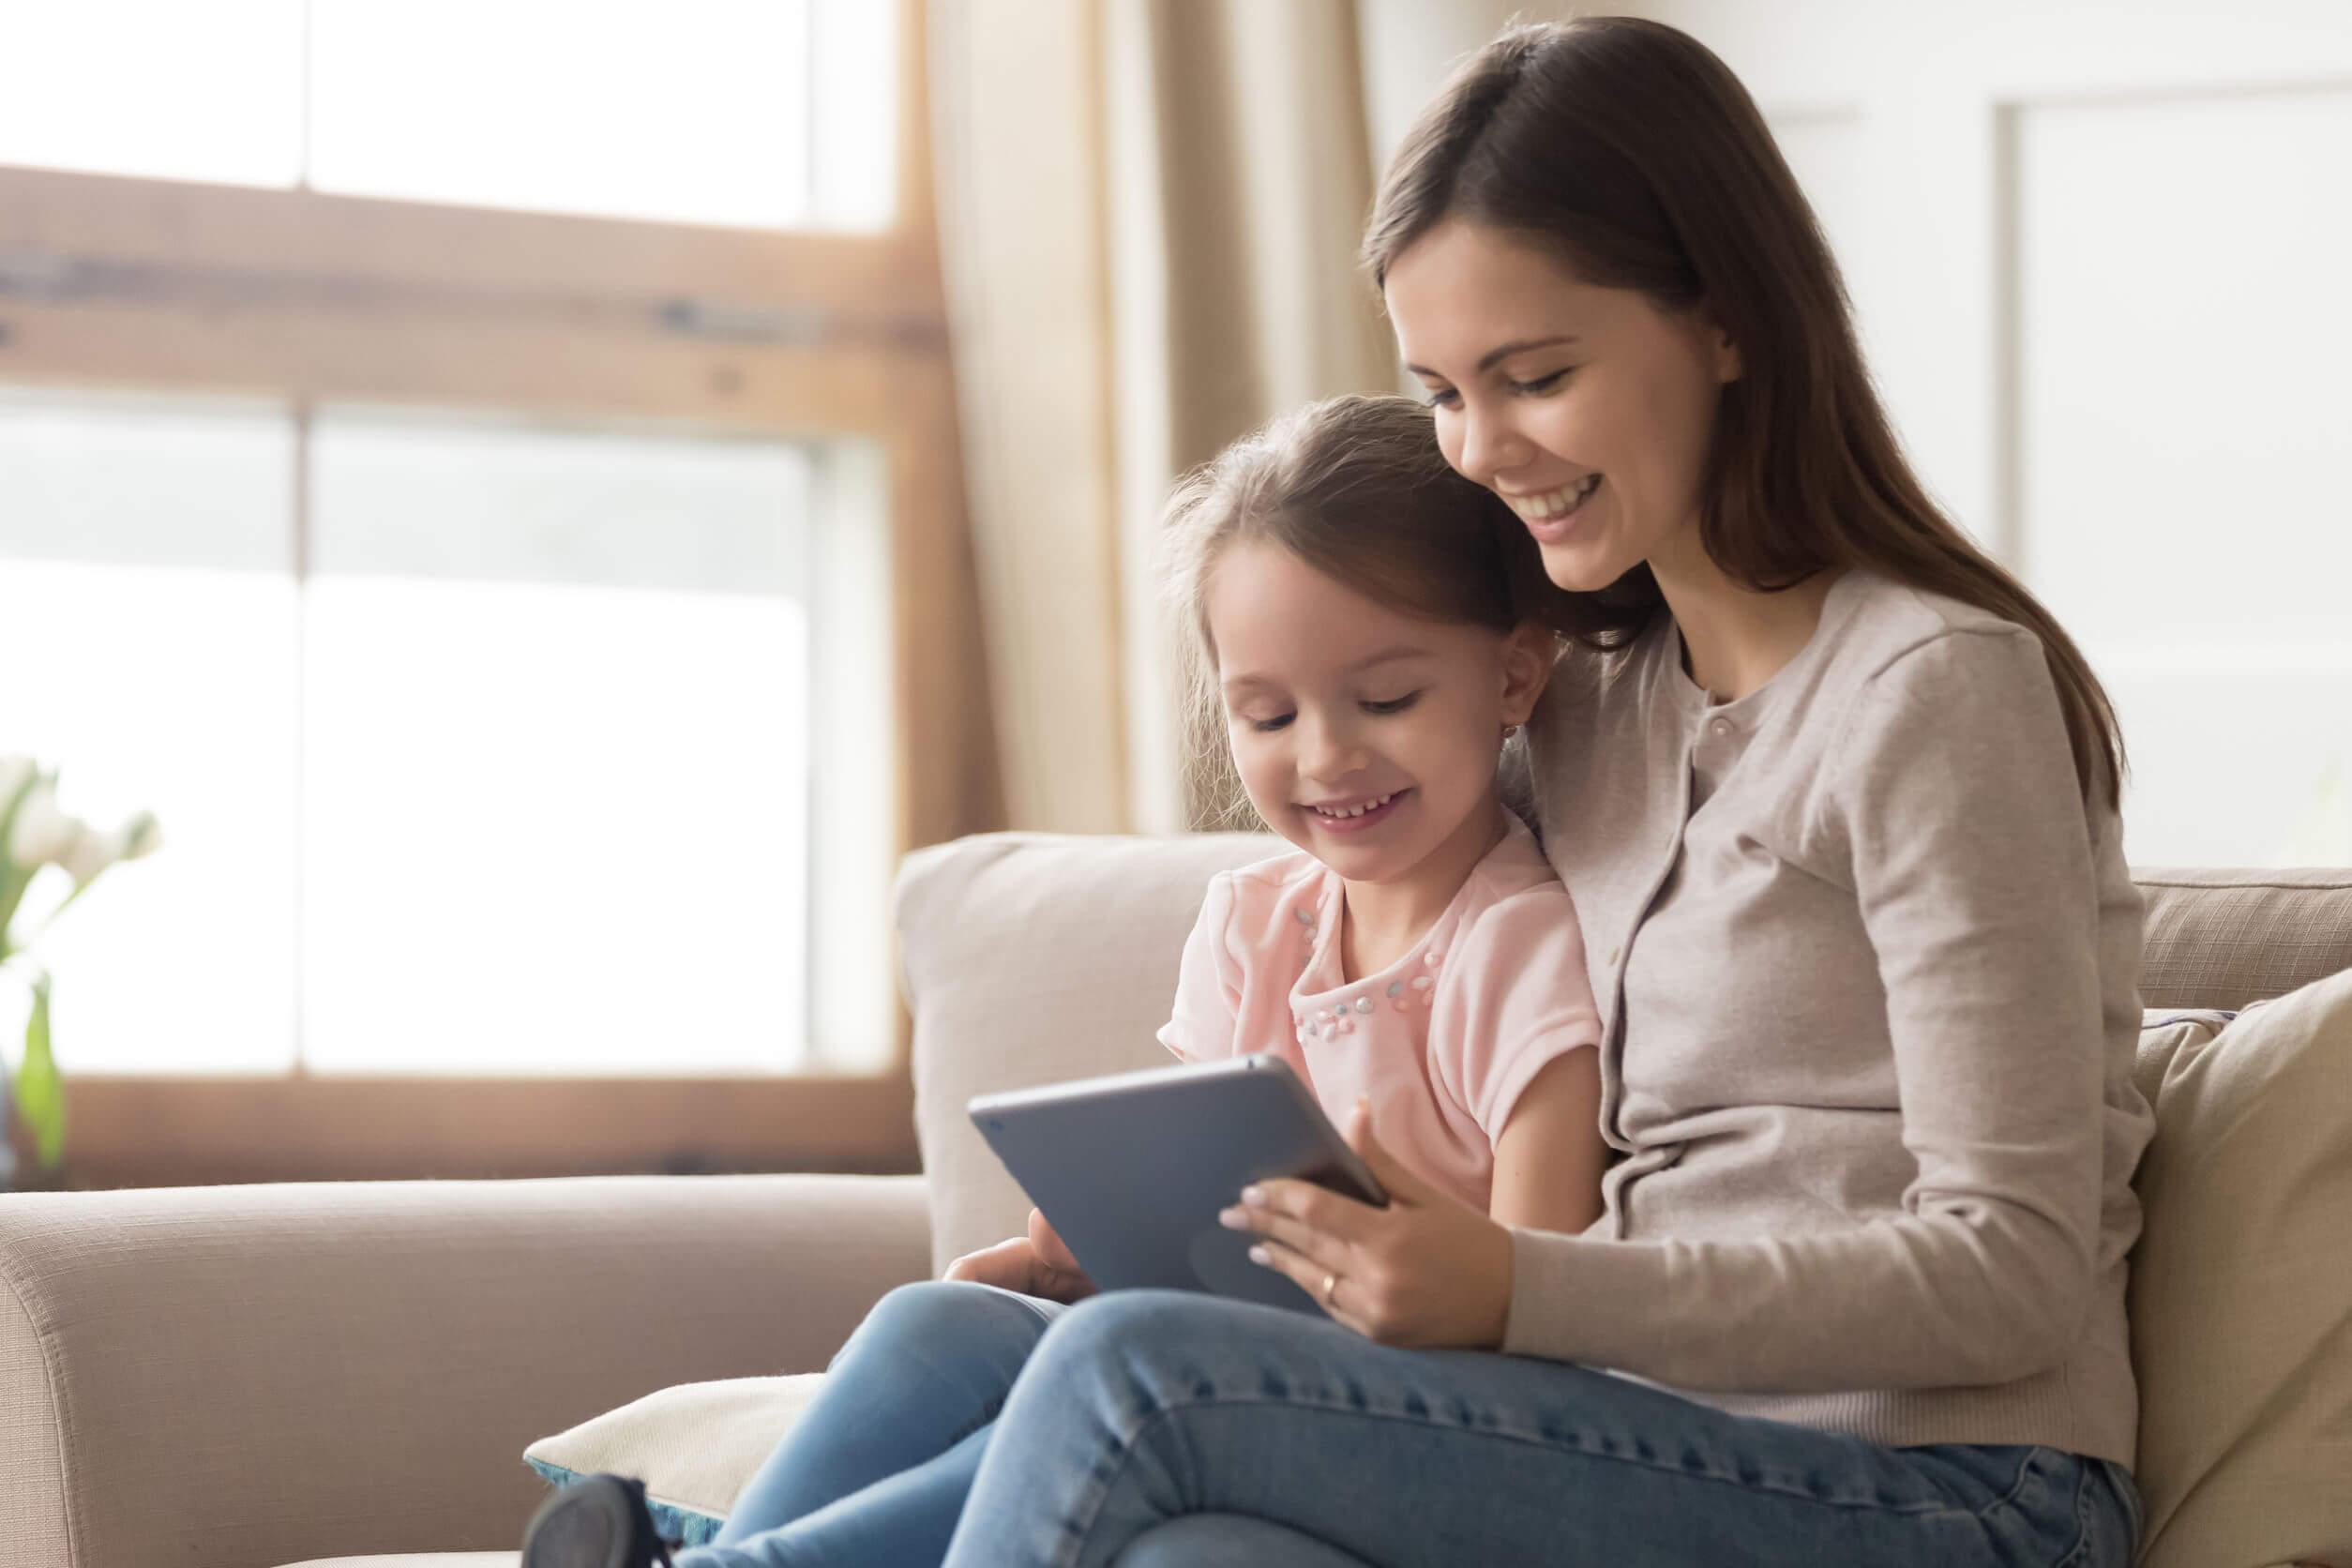 Madre e hija viendo canales educativos en YouTube.